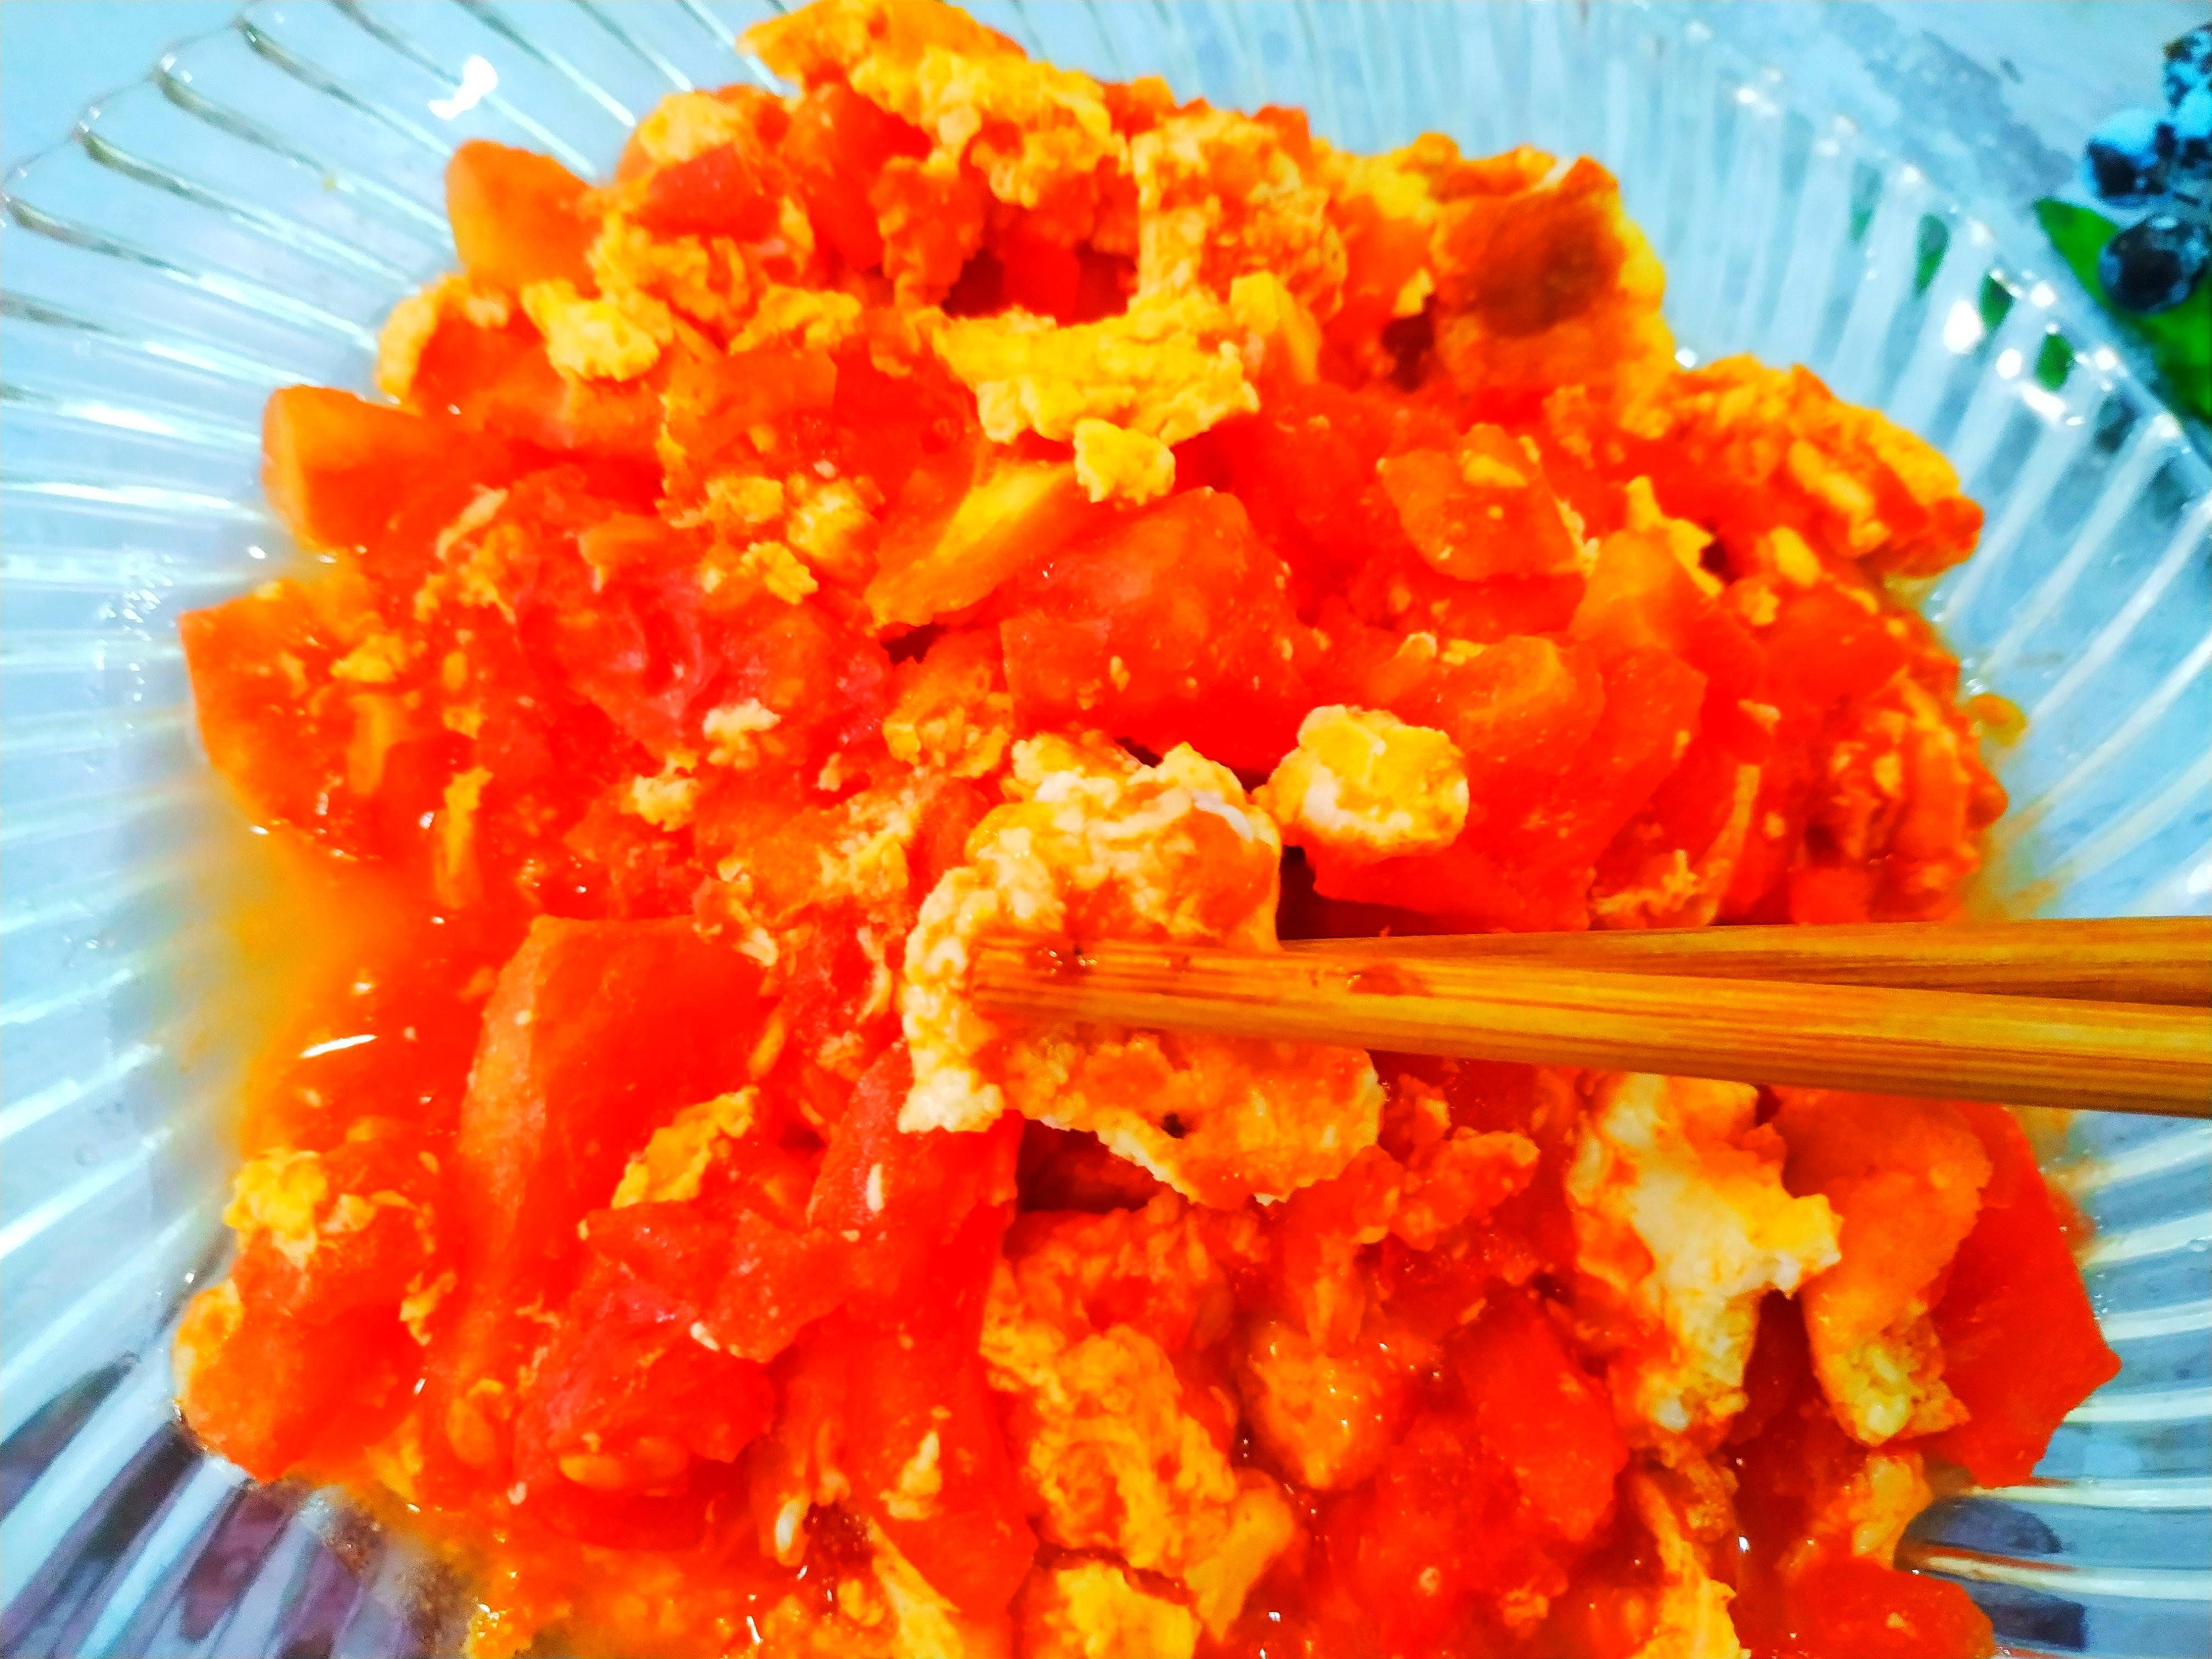 西红柿炒鸡蛋 酸甜翻倍 孩子爱吃